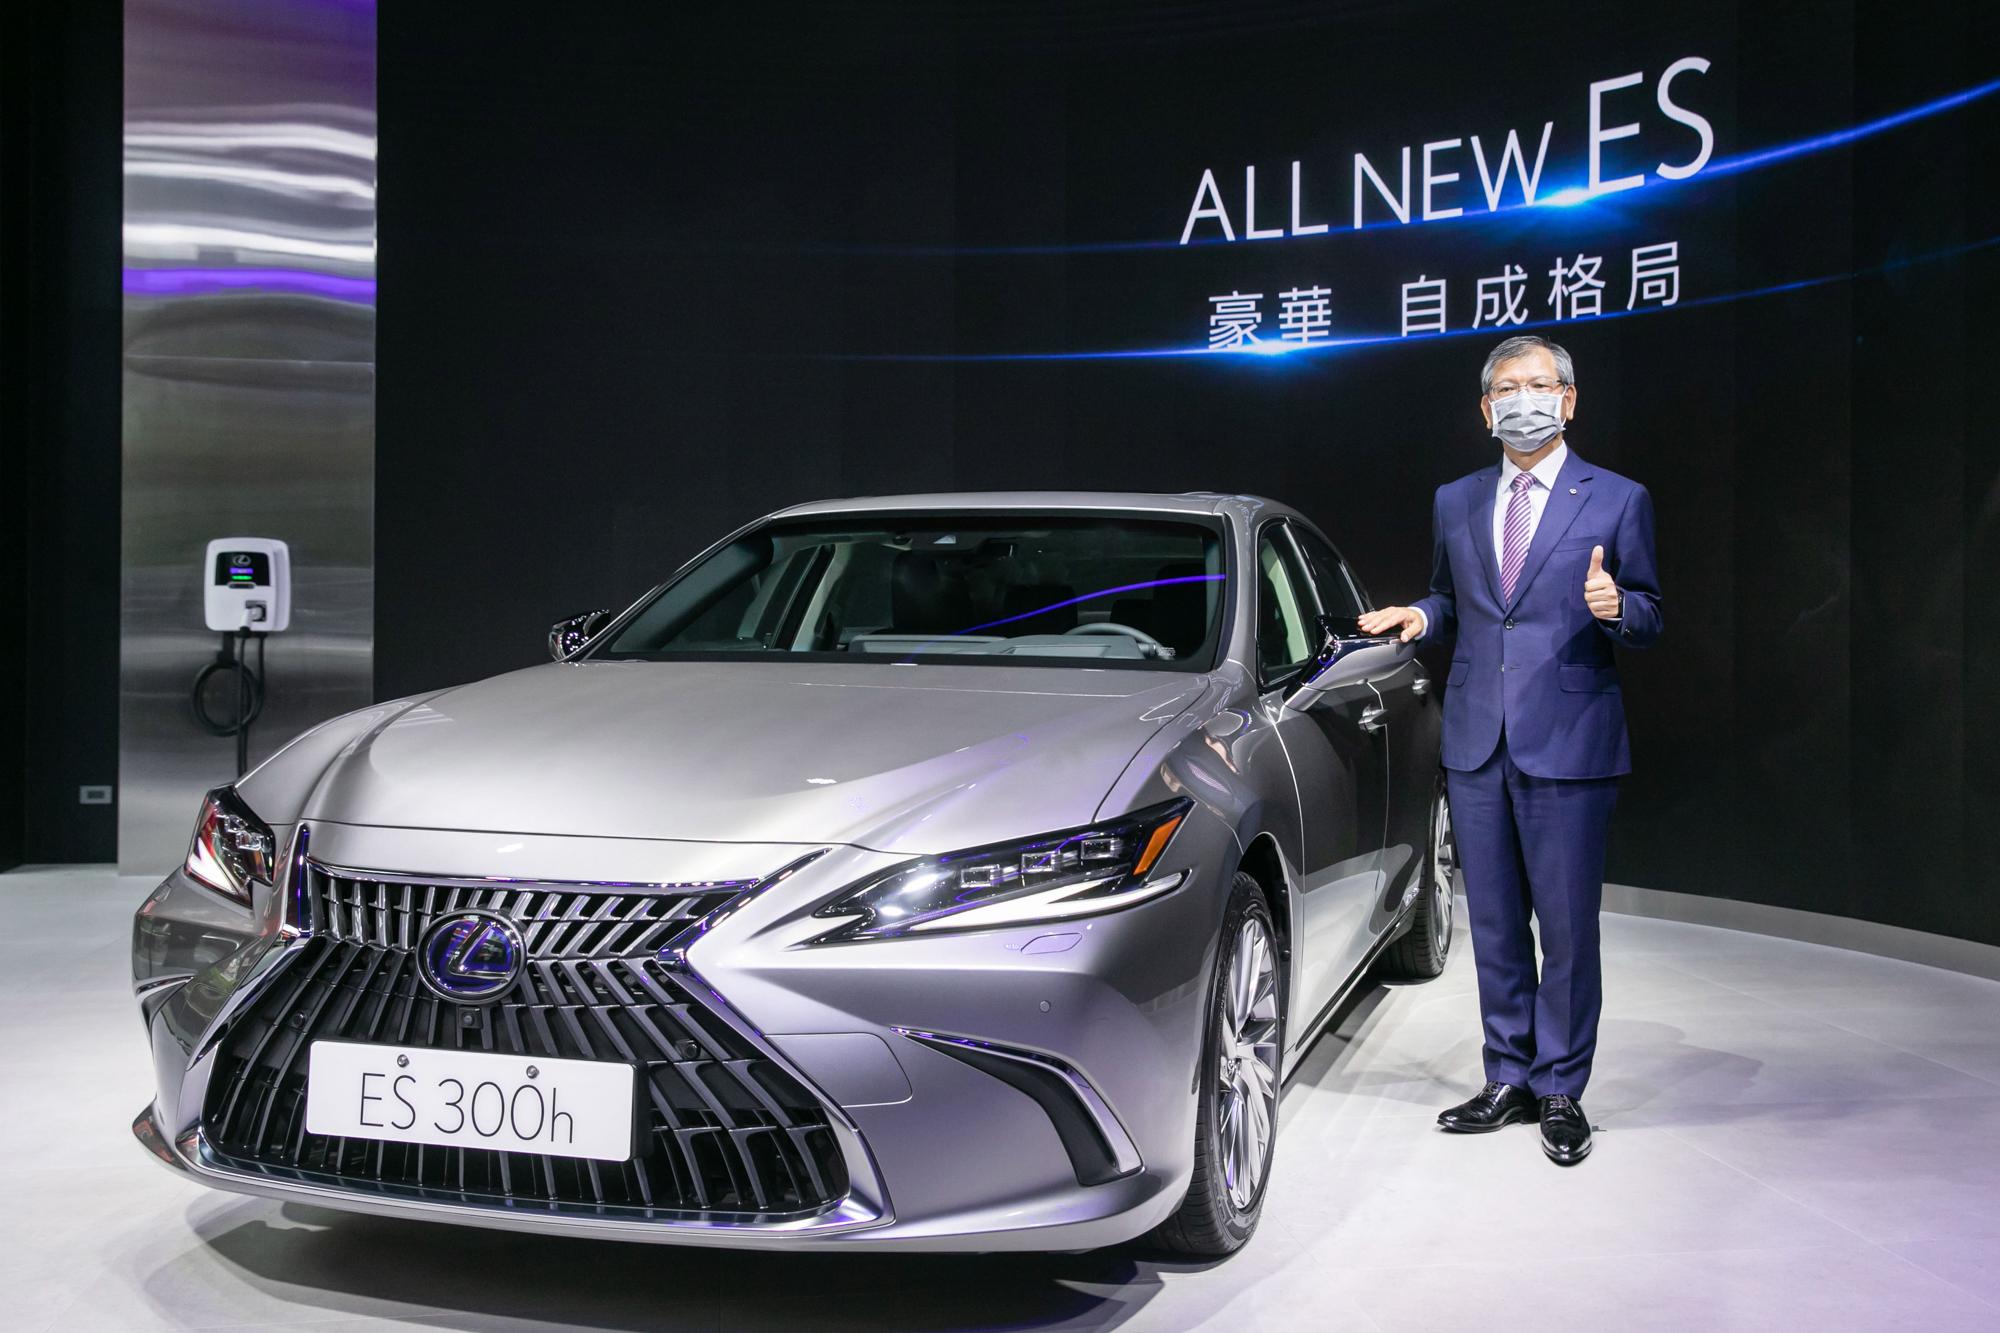 和泰汽車 Lexus 營業本部賴光雄本部長, 於 LEXUS ELECTRIFIED 品牌概念店宣布小改款 ES 正式上市。